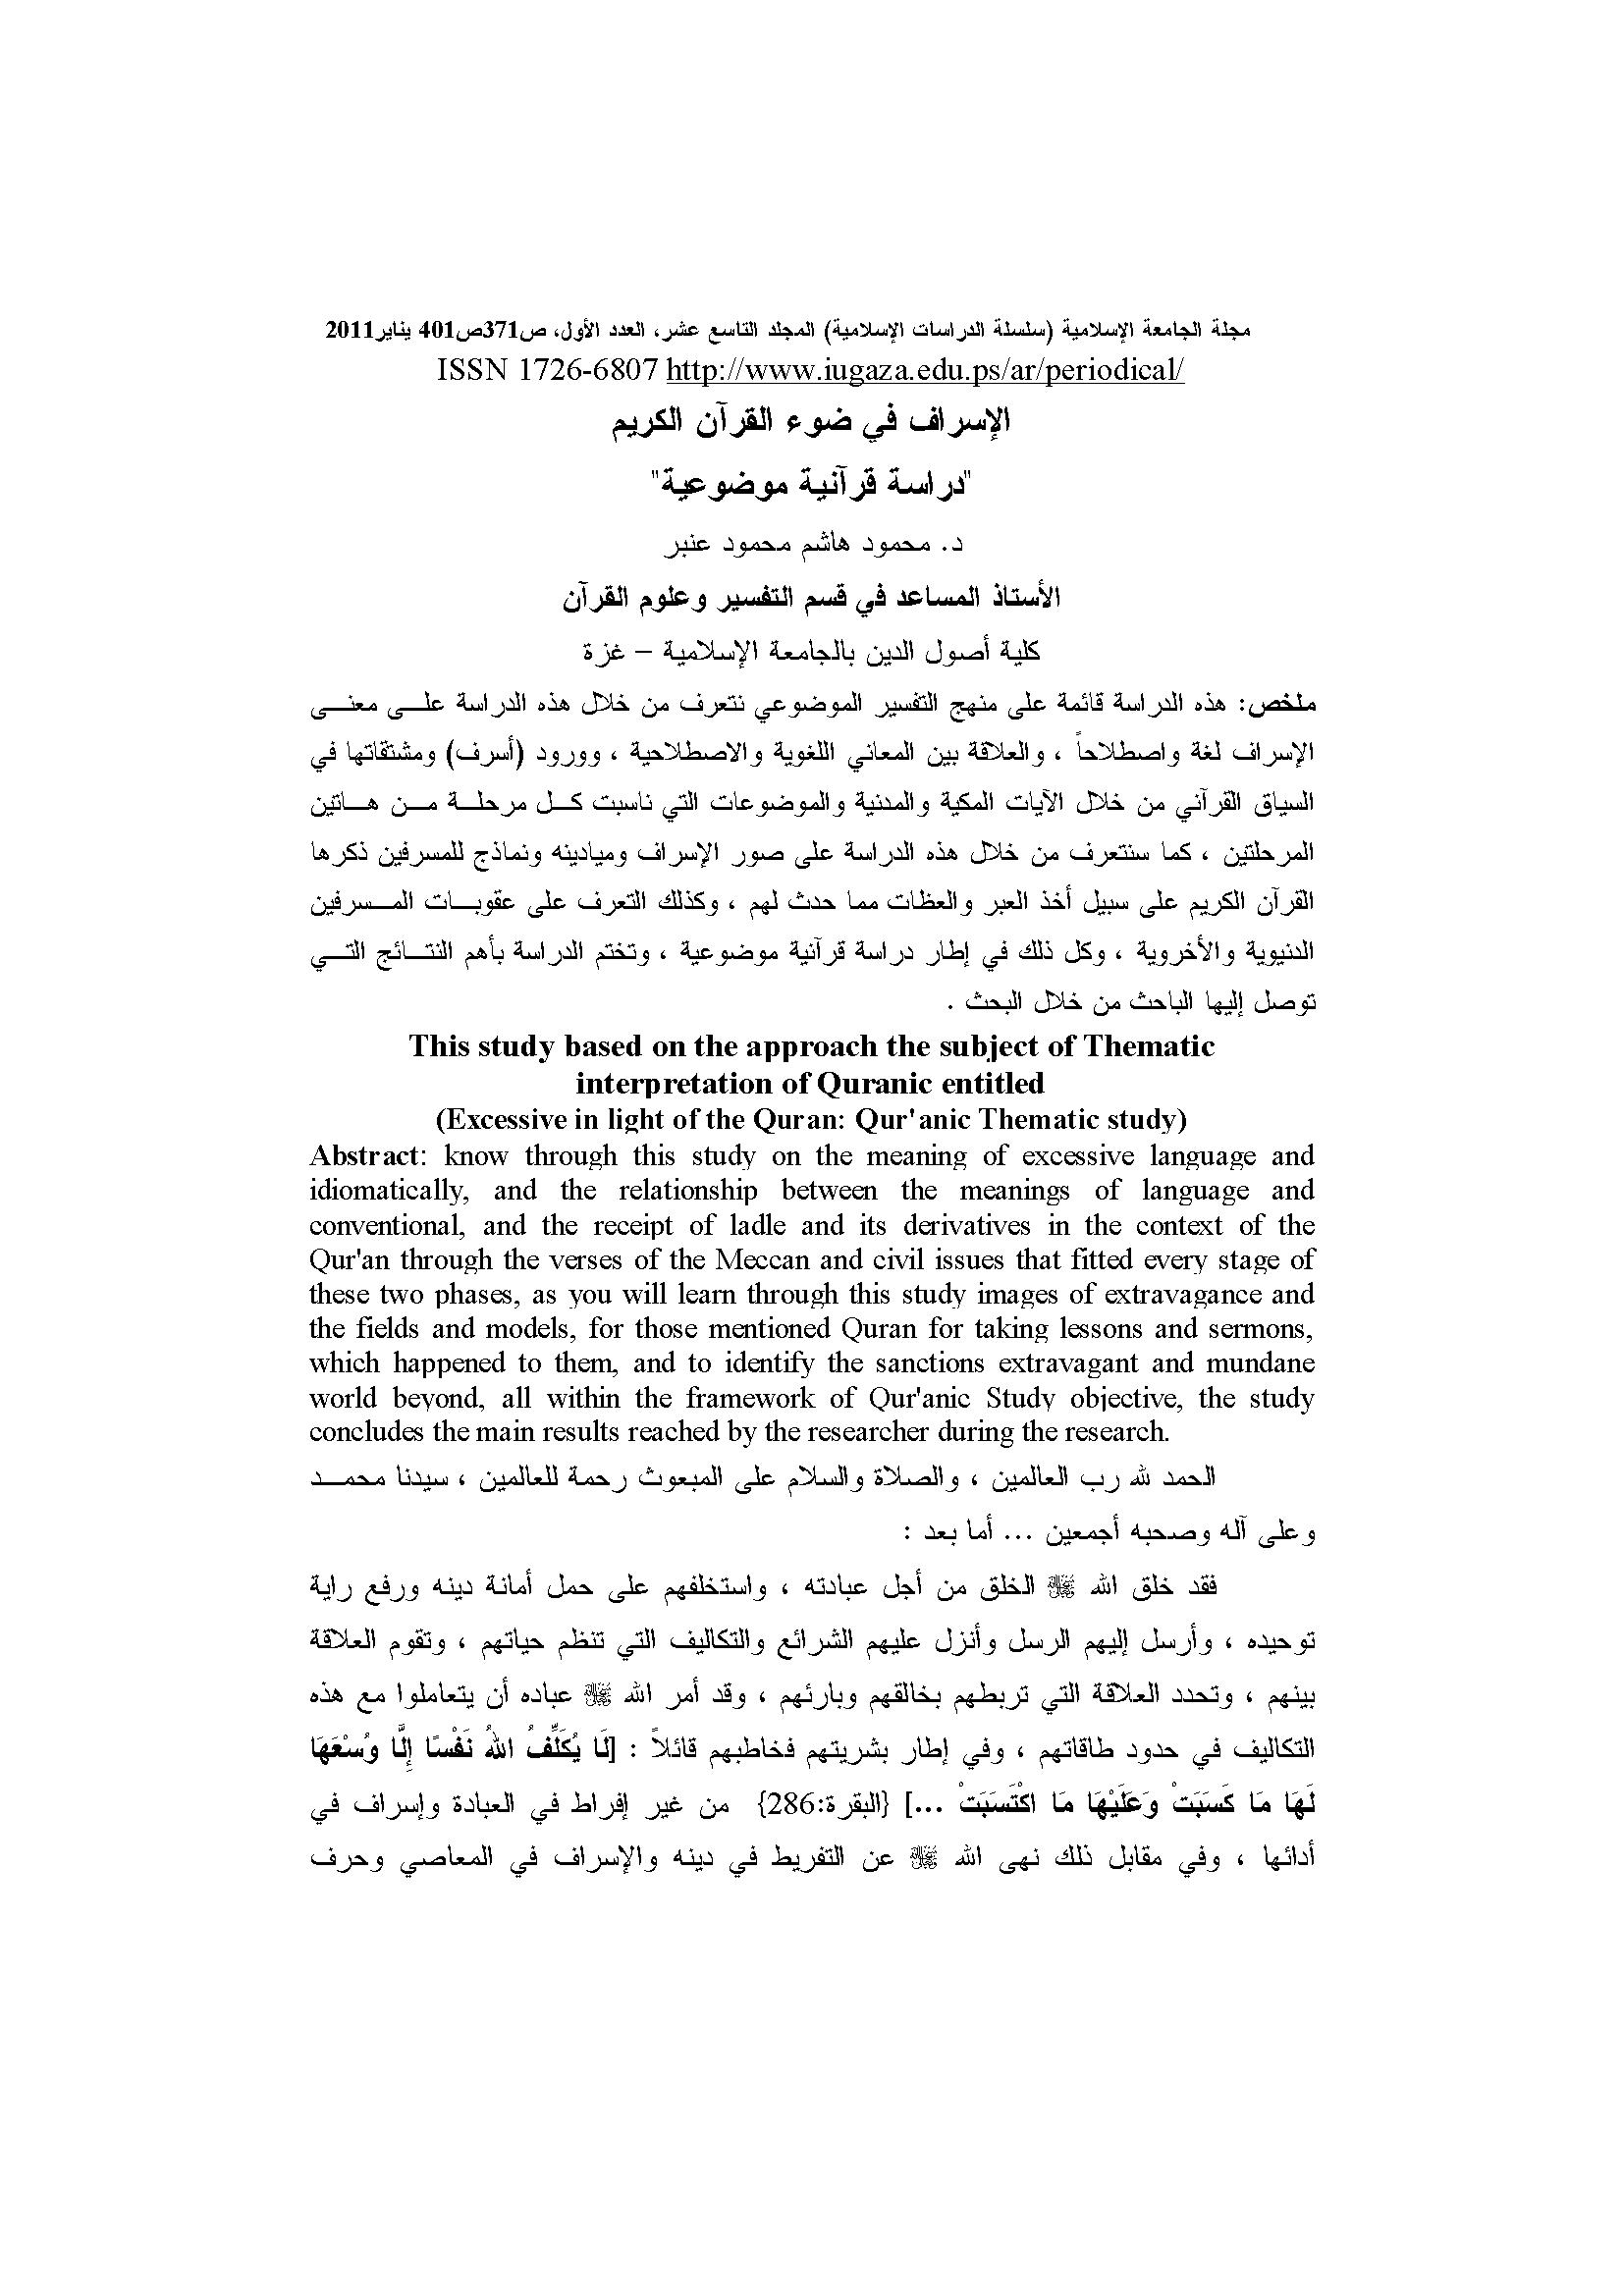 تحميل كتاب الإسراف في ضوء القرآن الكريم (دراسة قرآنية موضوعية) لـِ: الدكتور محمود هاشم محمود عنبر